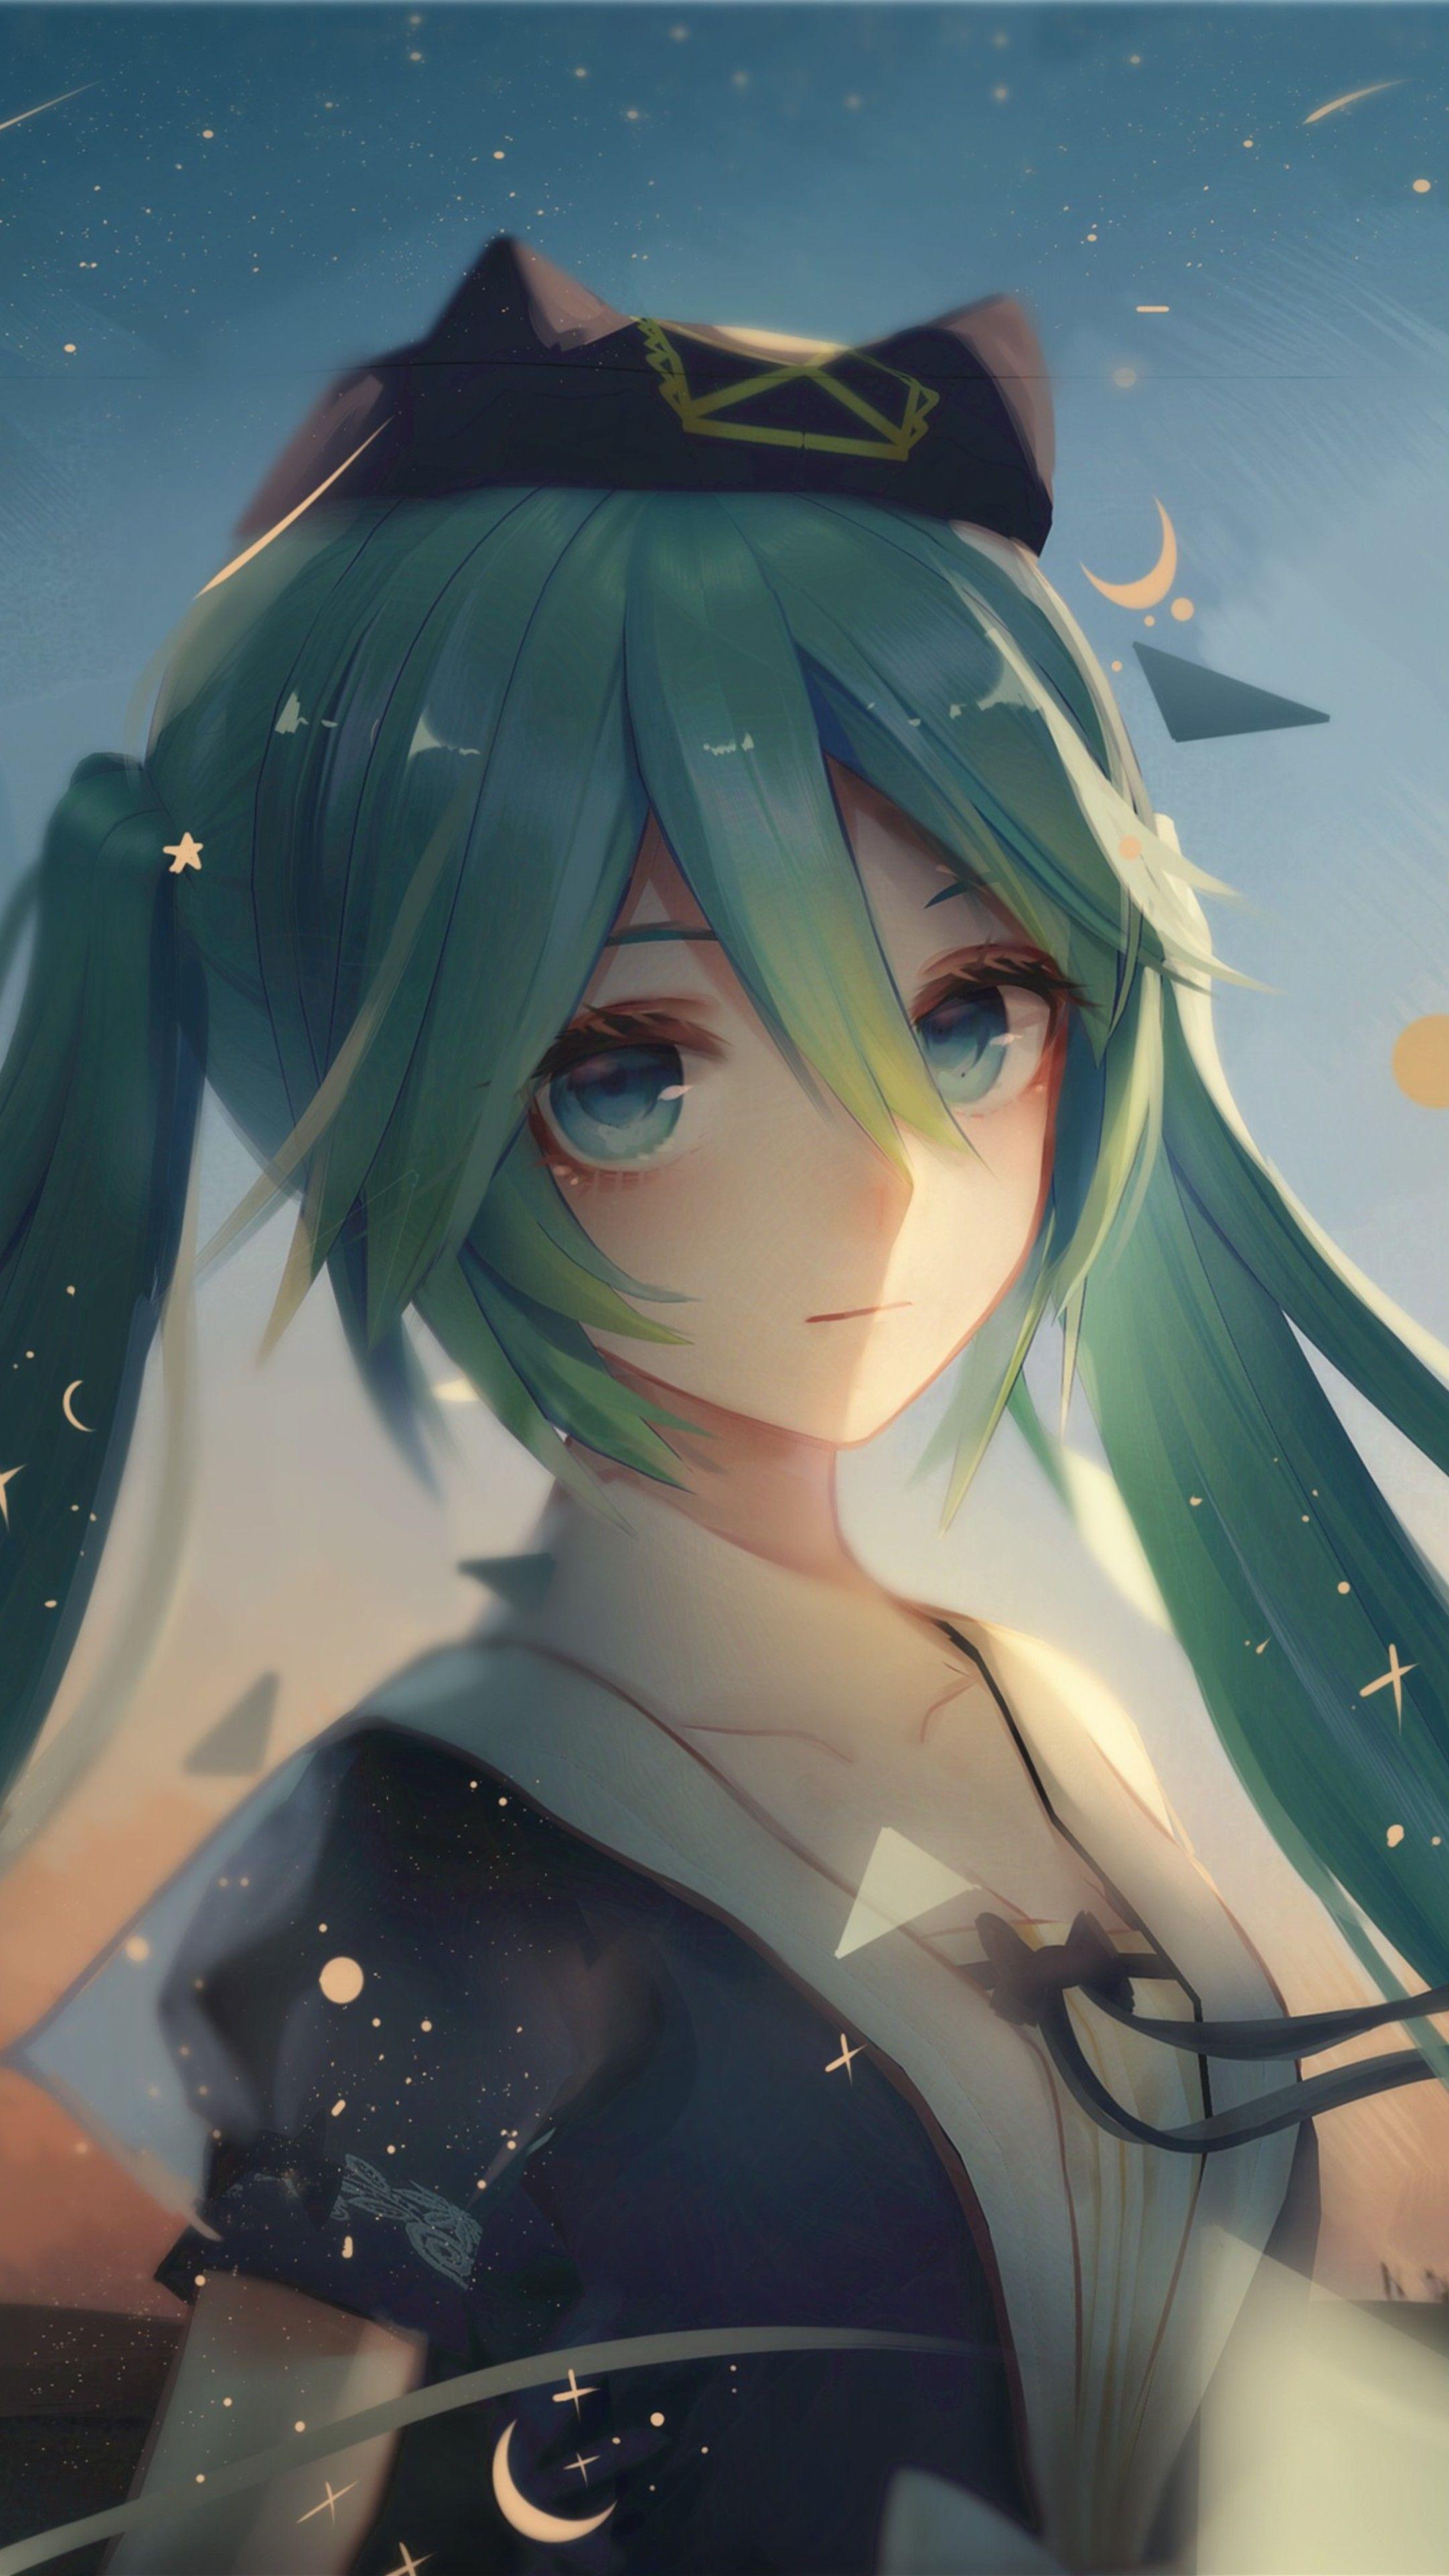 Hatsune Miku Vocaloid Anime 4k In 2160x3840 Resolution Miku Hatsune Vocaloid Hatsune Miku Hatsune